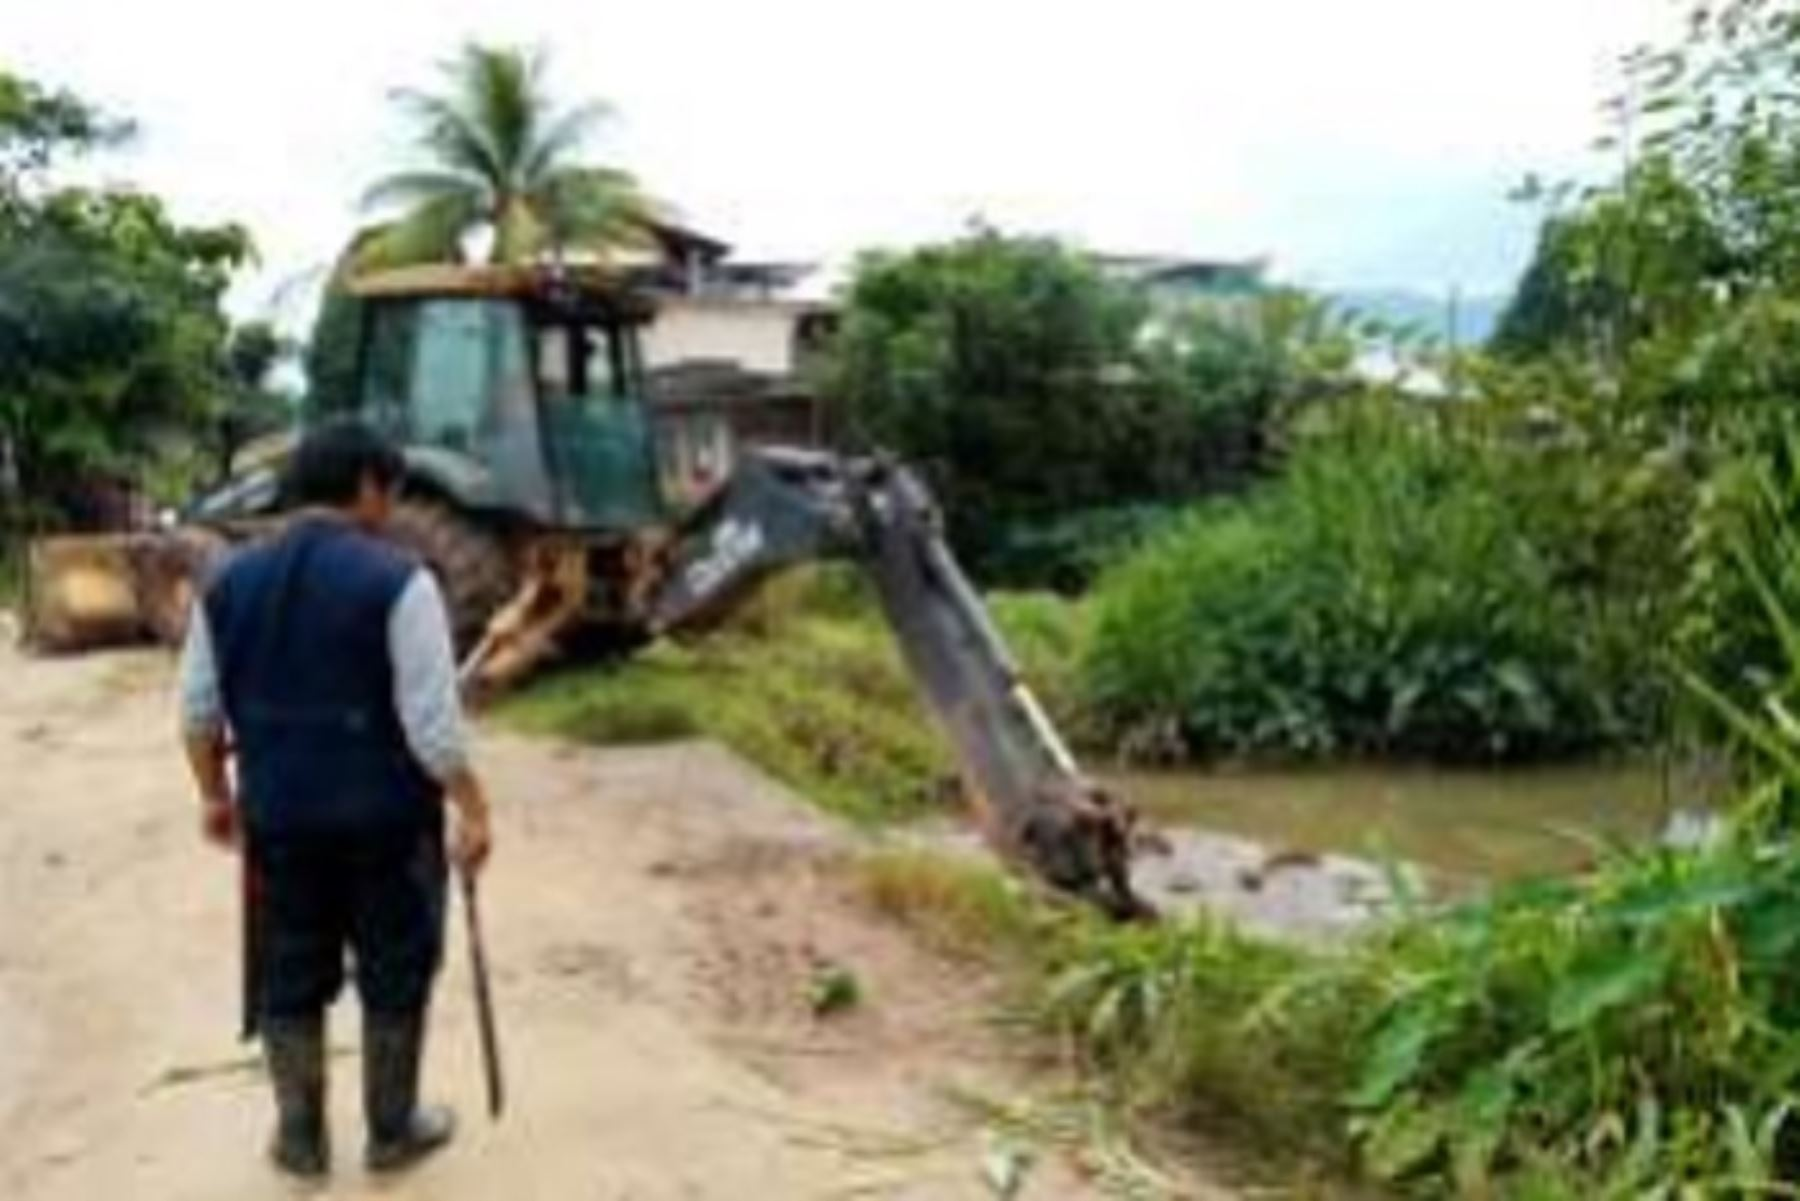 La emergencia ocurrió en la madrugada del último 11 de enero, a consecuencia de las fuertes precipitaciones pluviales que se vienen registrando en la zona, recuerda el Instituto Nacional de Defensa Civil (Indeci).